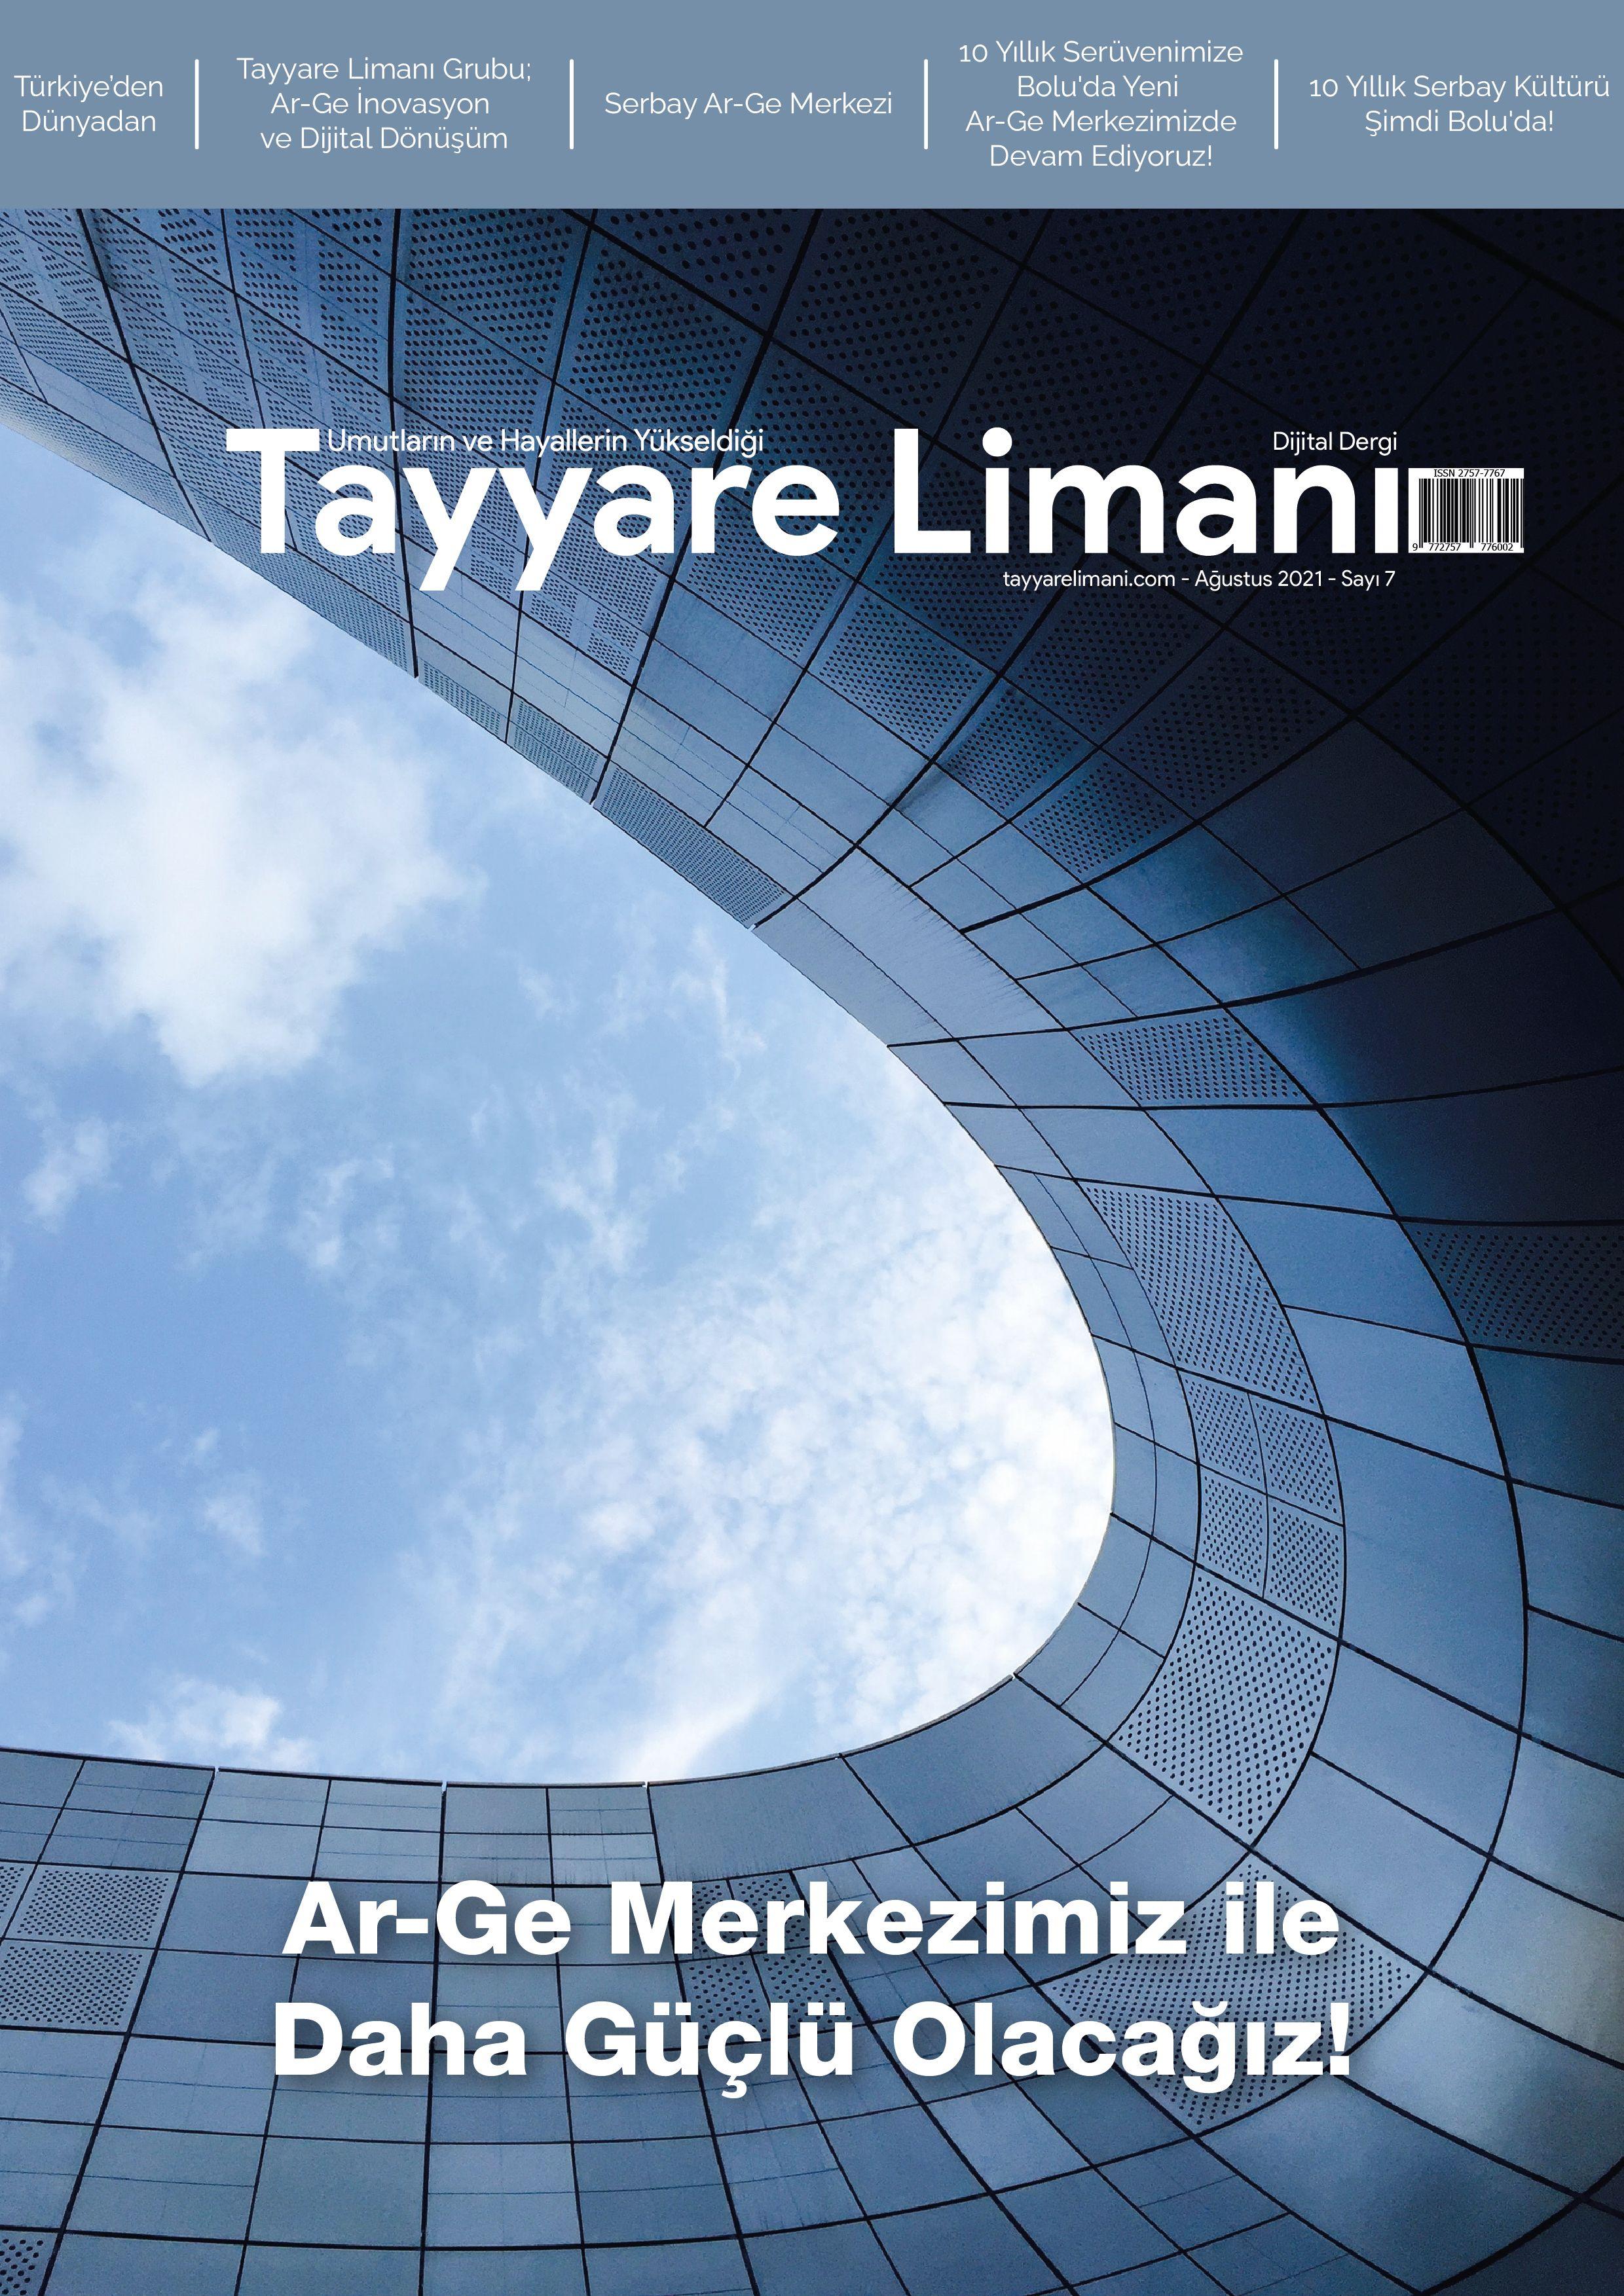 Tayyare Limanı Dergisi: Ağustos 2021